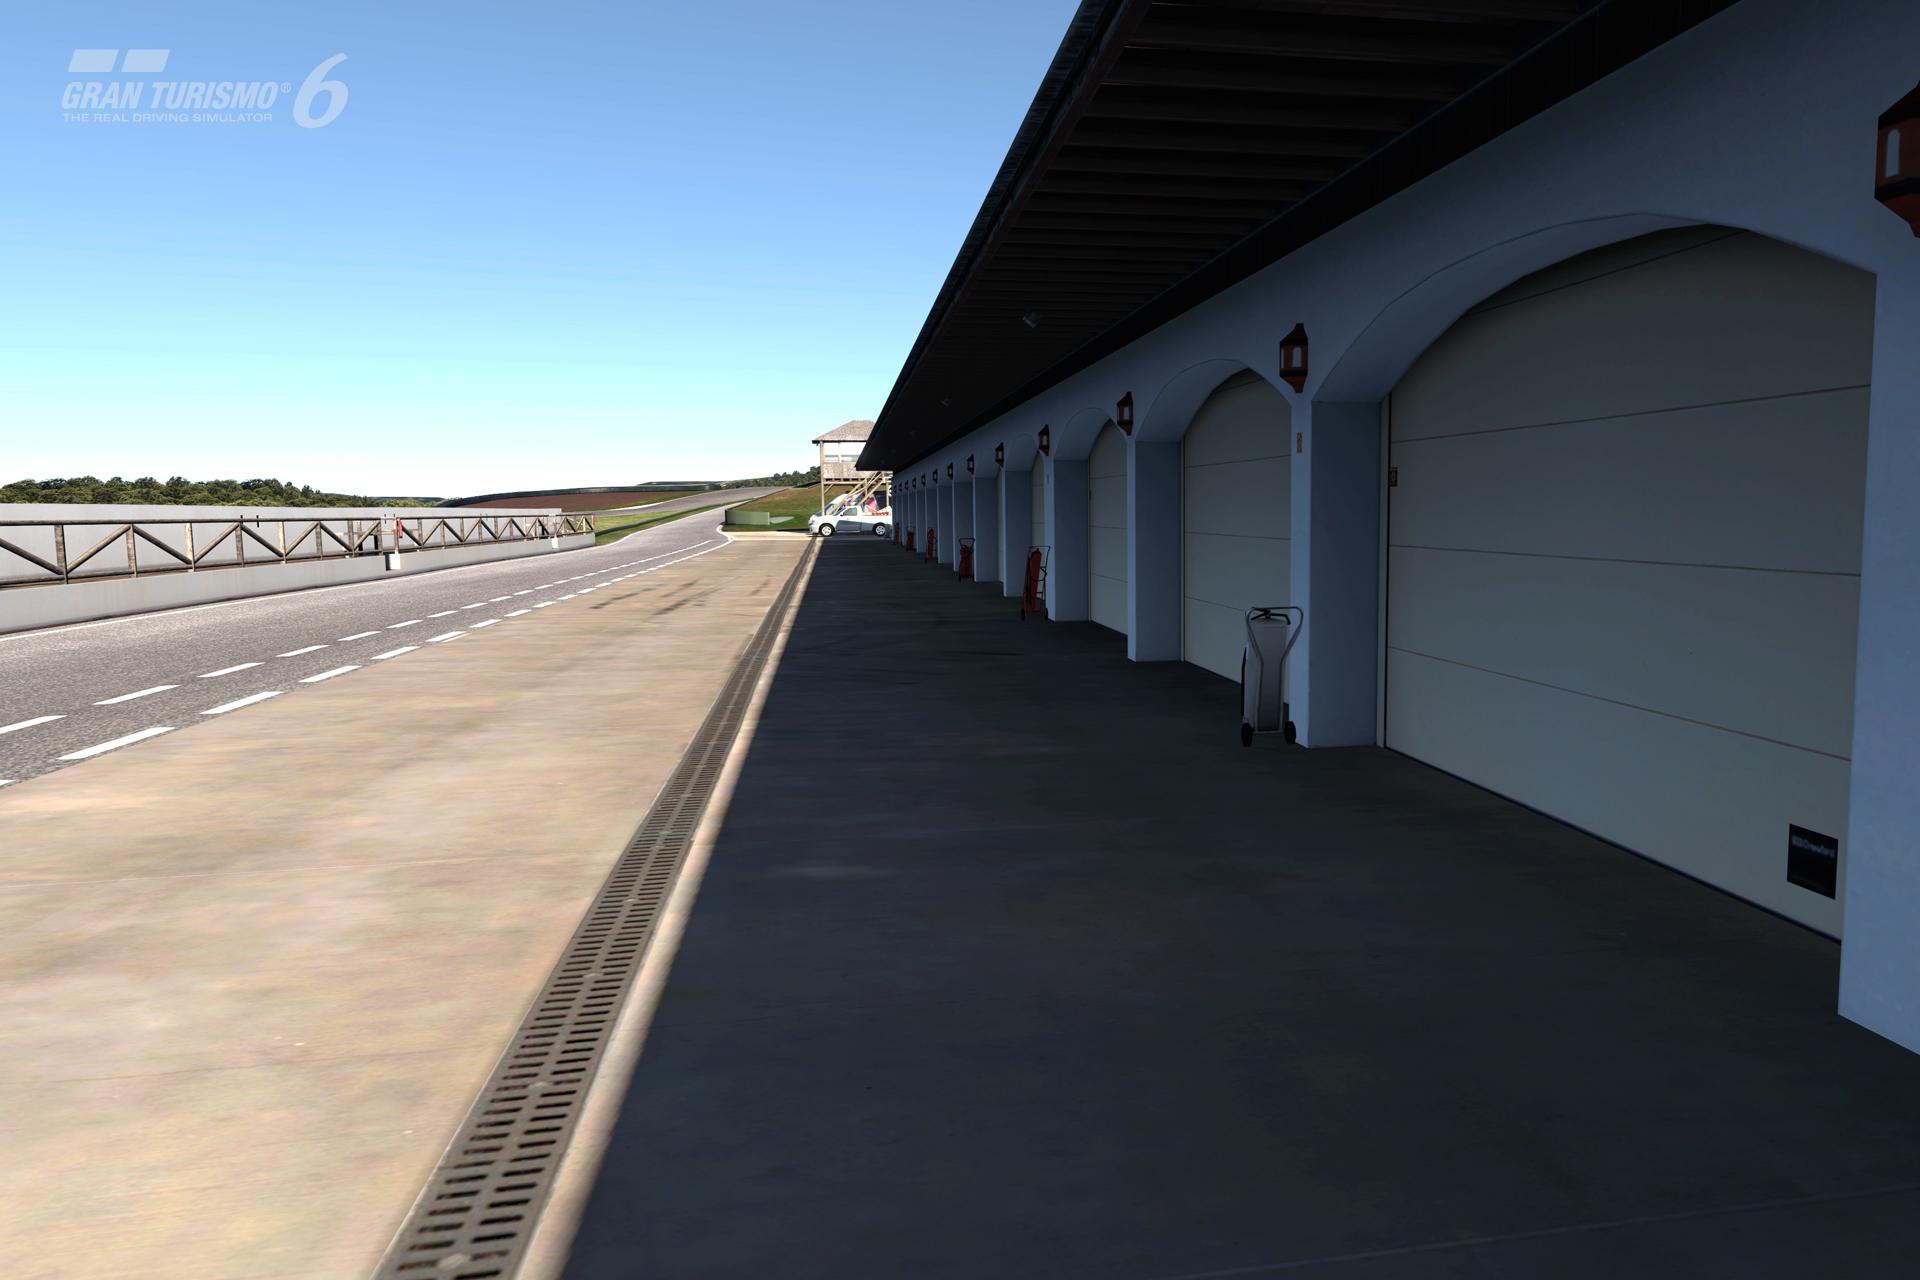 Foto de Comparativa Ronda y Ascari en Gran Turismo 6 (9/26)